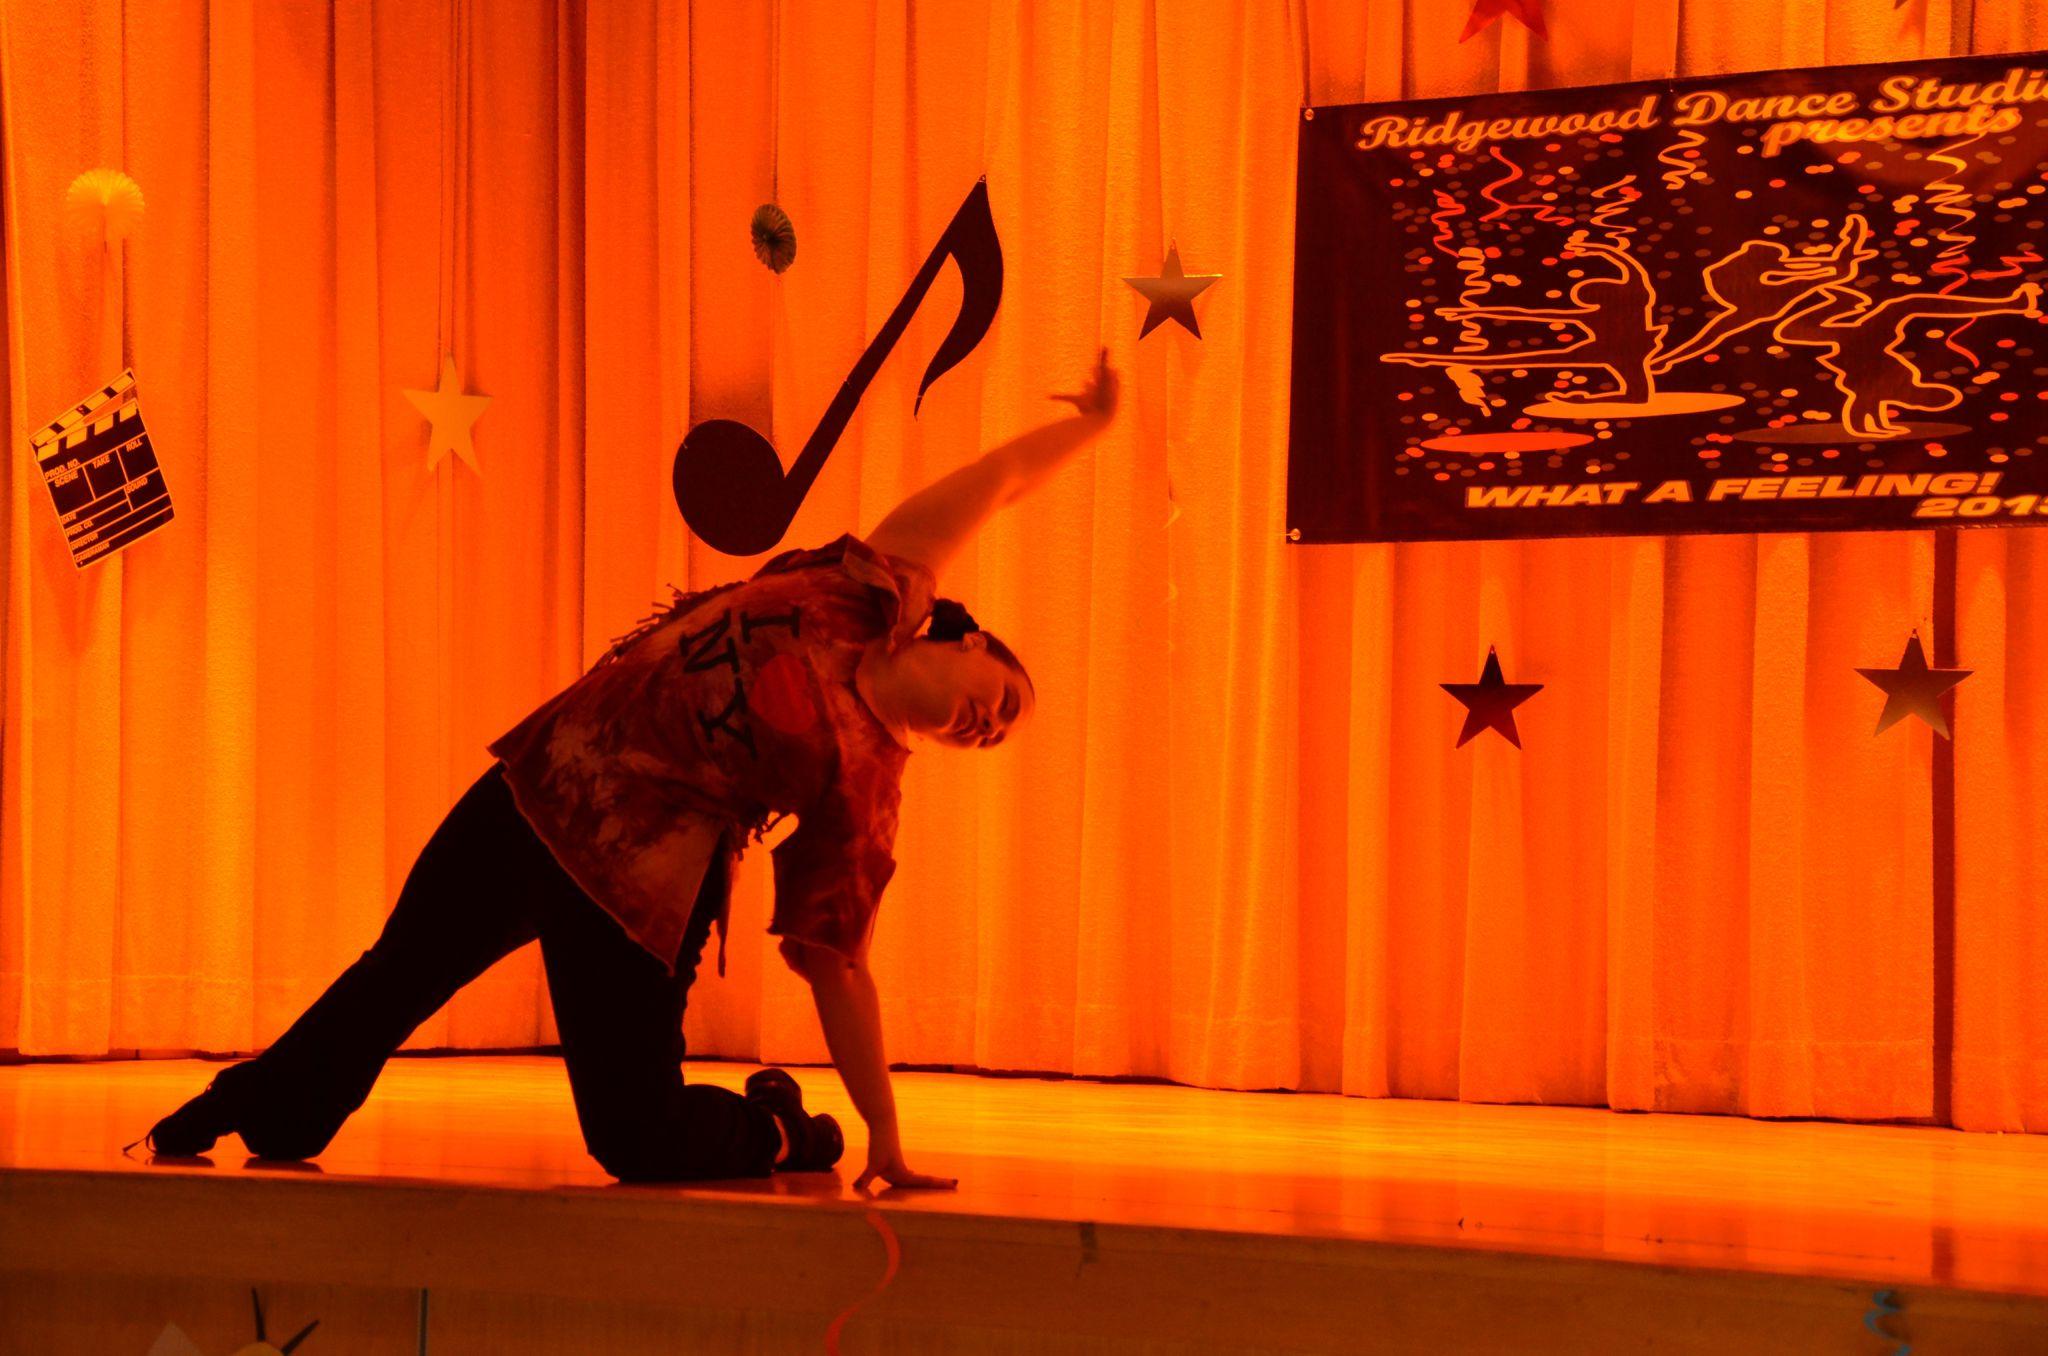 Ridgewood Dancers - Vanessa Scheller